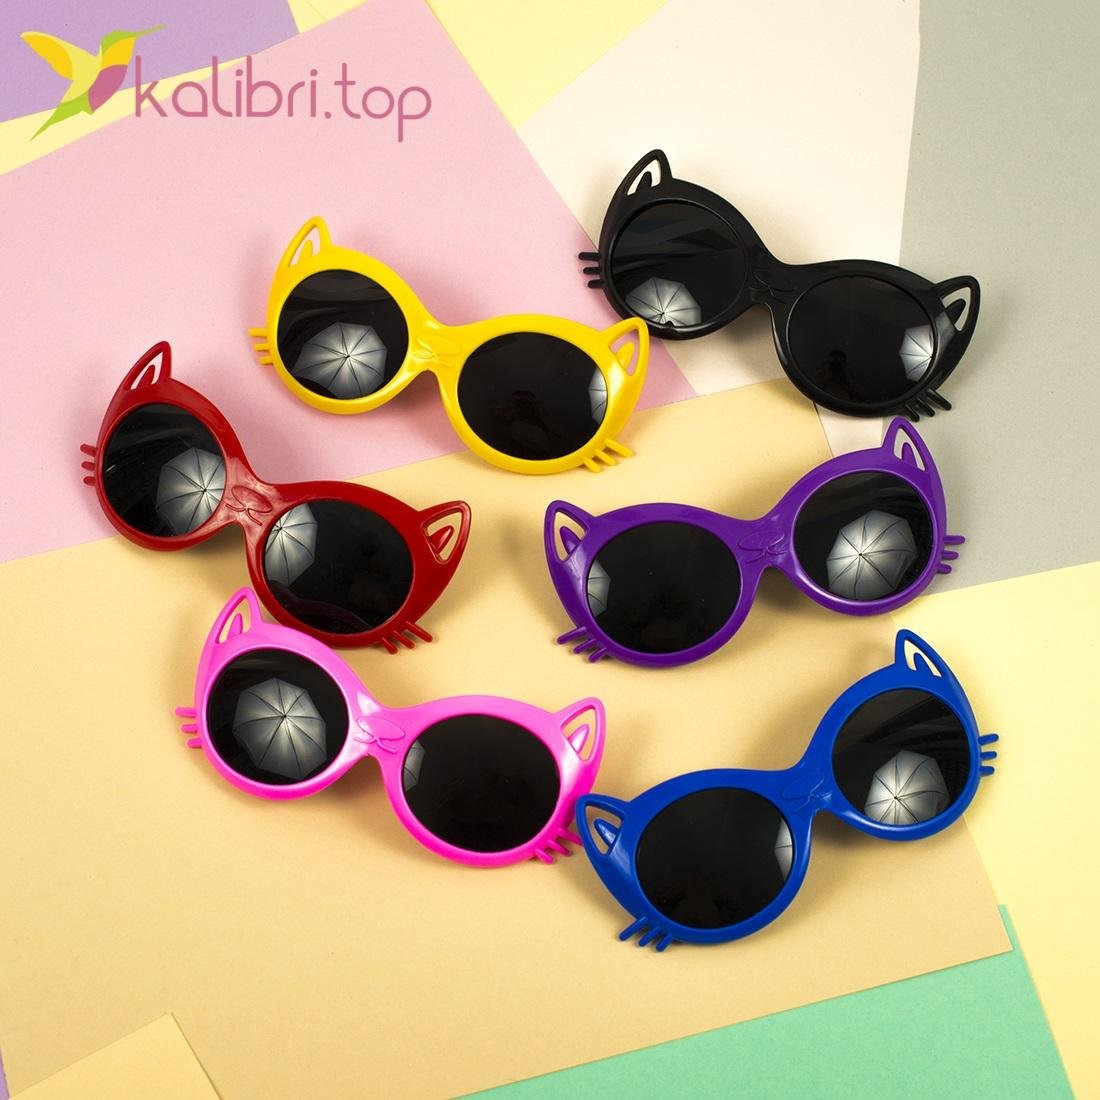 Детские солнцезащитные очки Котики - Kalibri.top